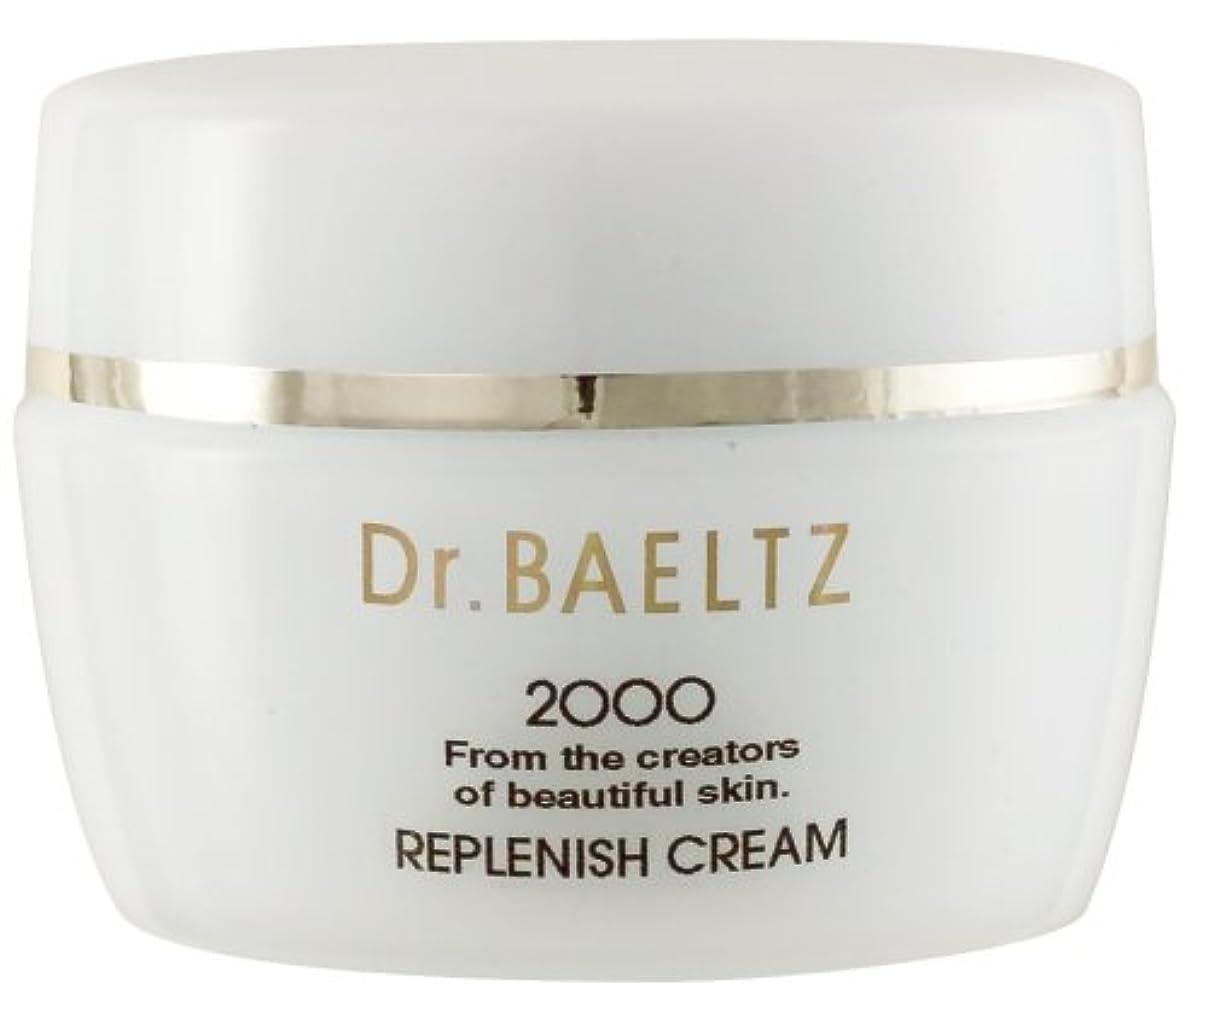 役員そのような間隔ドクターベルツ(Dr.BAELTZ) リプレニッシュクリーム 40g(保湿クリーム)